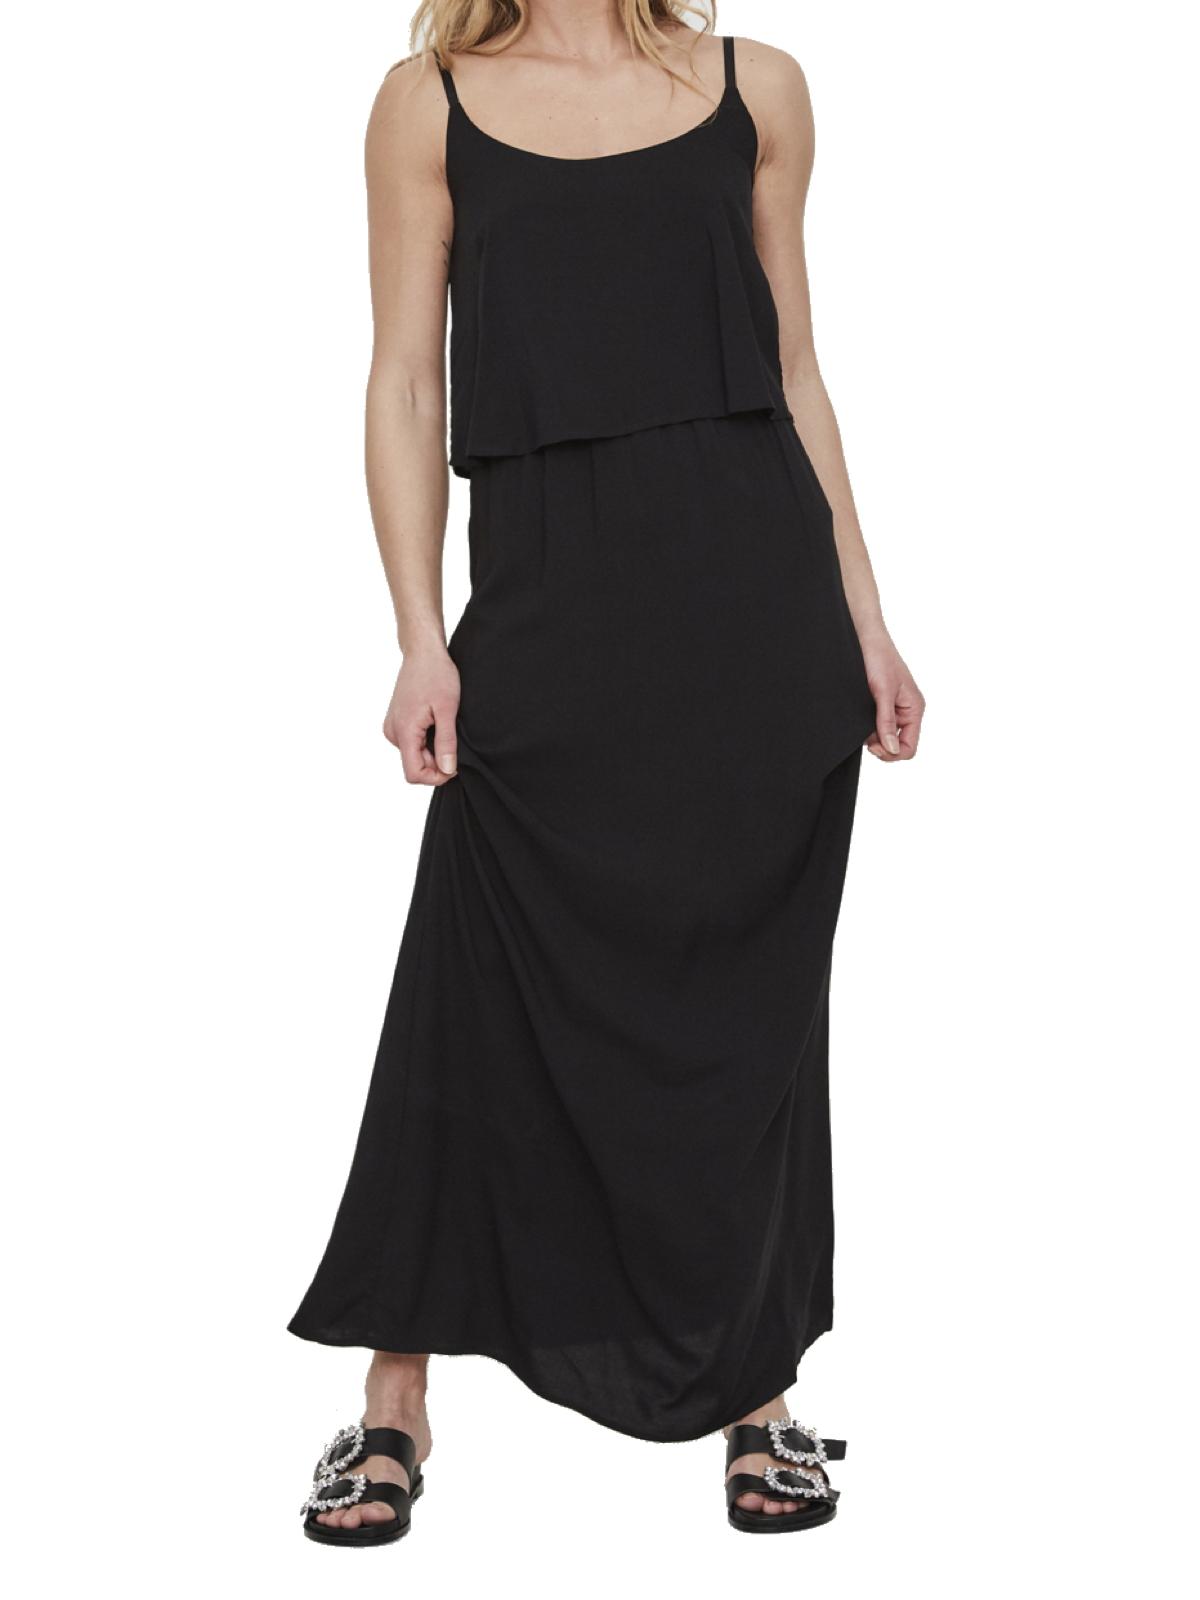 vero moda damen kleid in schwarz vmsuper maxi dress xs xl damen kleider. Black Bedroom Furniture Sets. Home Design Ideas